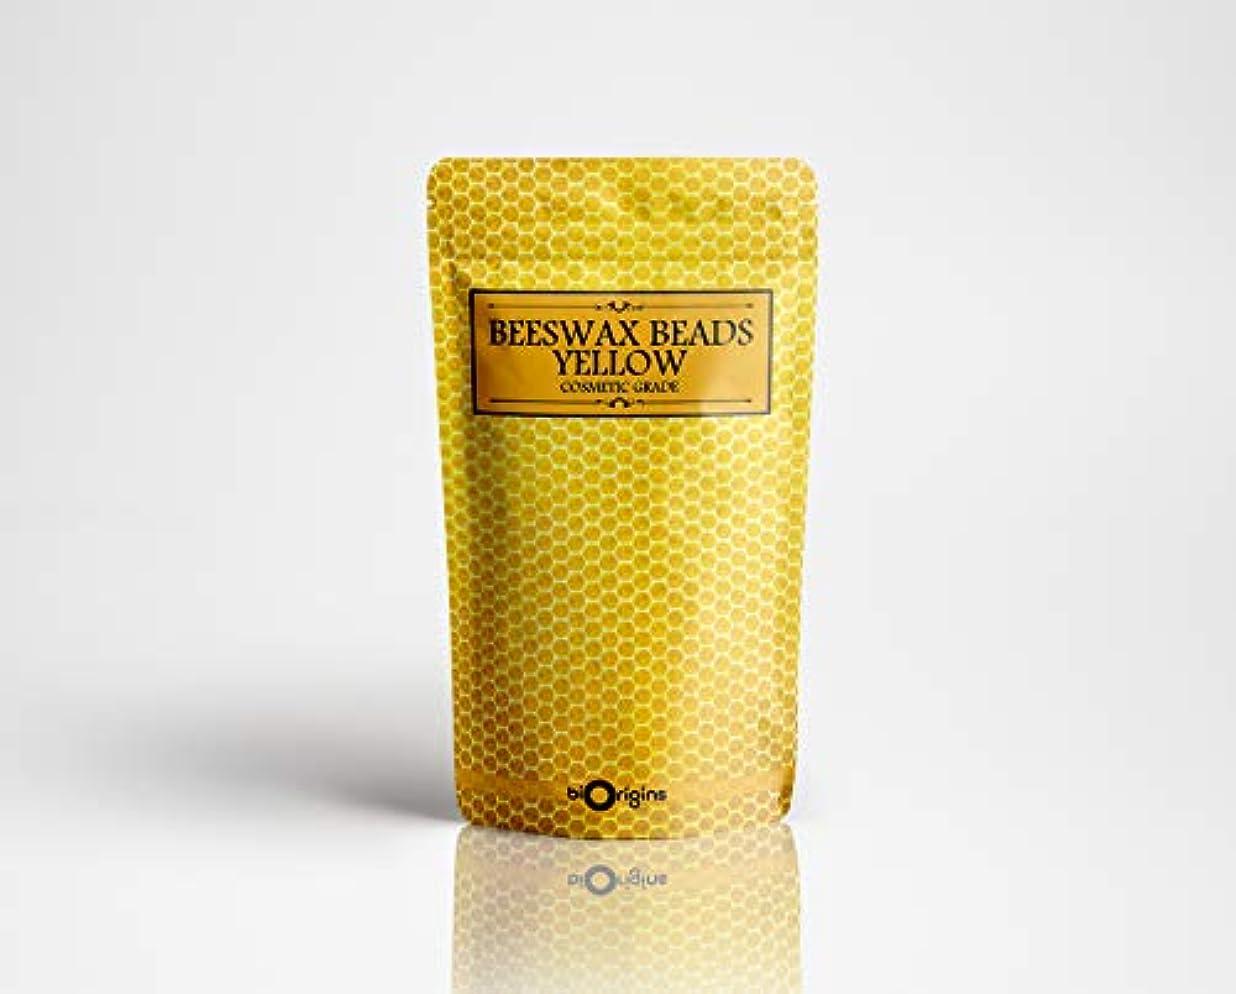 セレナ大聖堂側溝Beeswax Beads Yellow - Cosmetic Grade - 100g